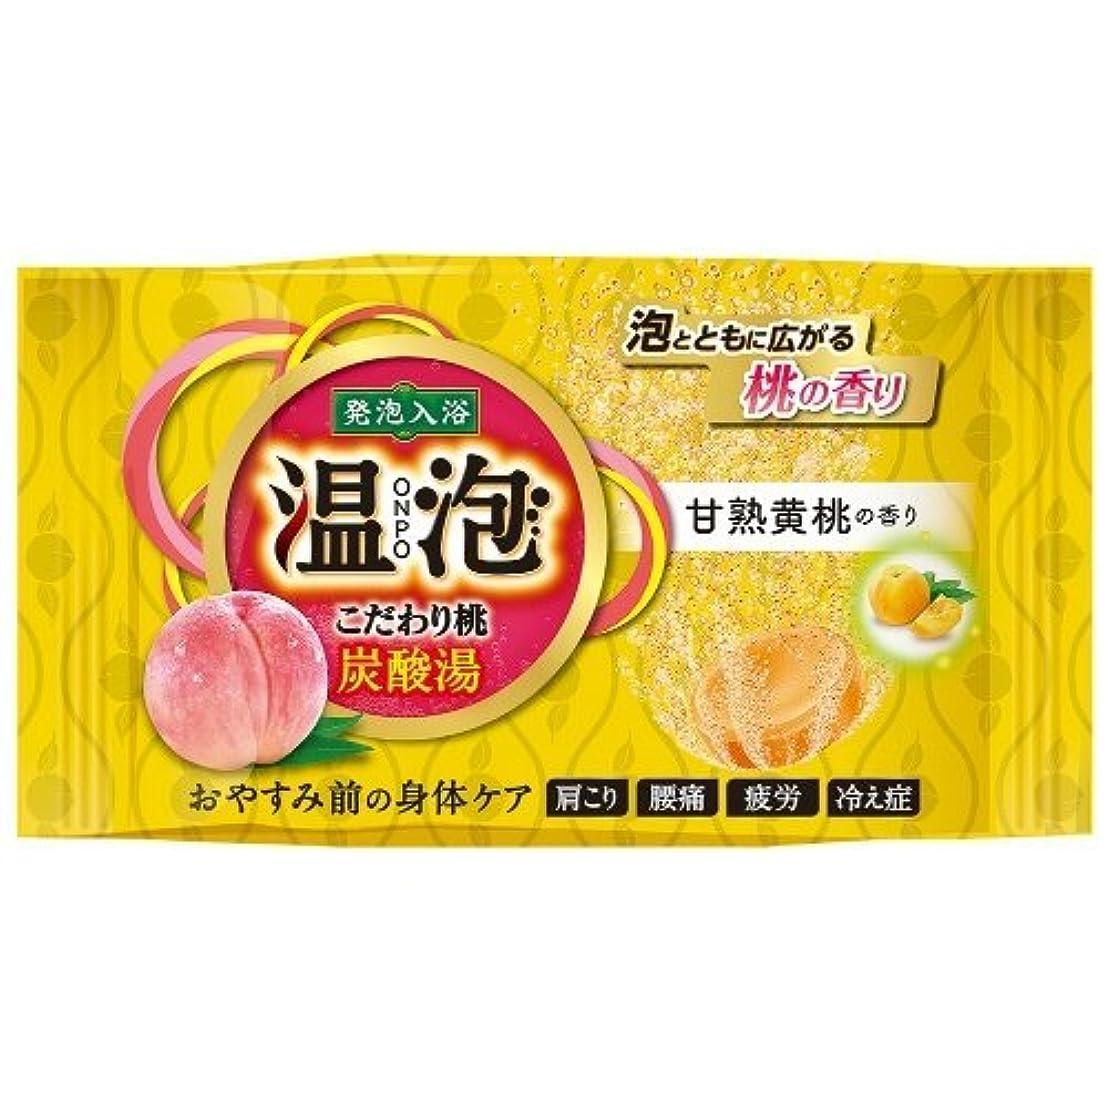 影響する苦難石灰岩温泡こだわり桃炭酸湯甘熟黄桃1錠